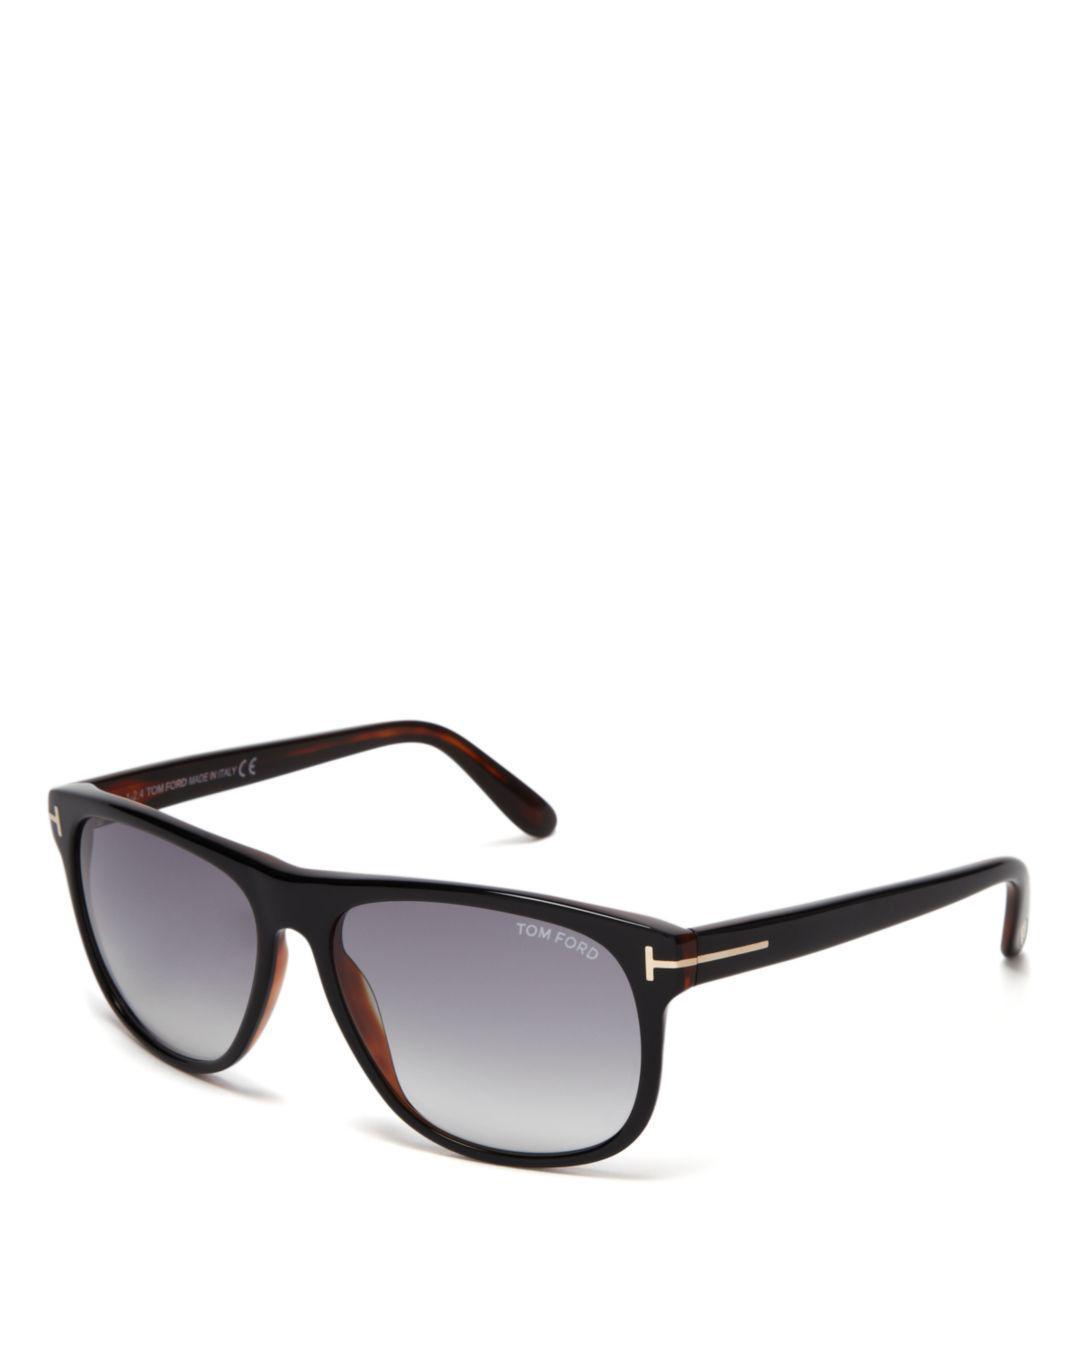 1a45216ef3b Lyst - Tom Ford Men s Olivier Sunglasses in Black for Men